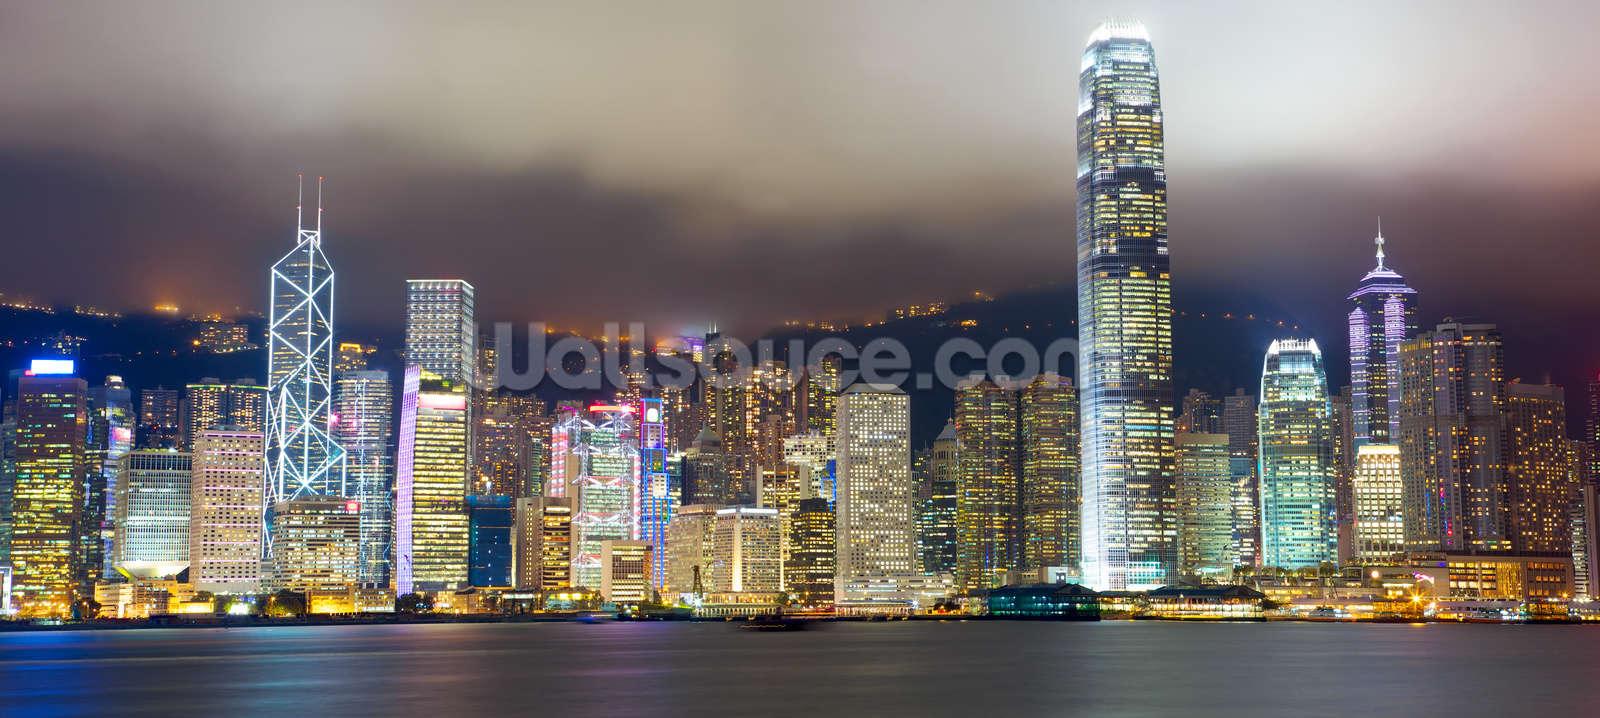 Hong Kong Skyline Wallpaper Wall Mural Wallsauce Usa